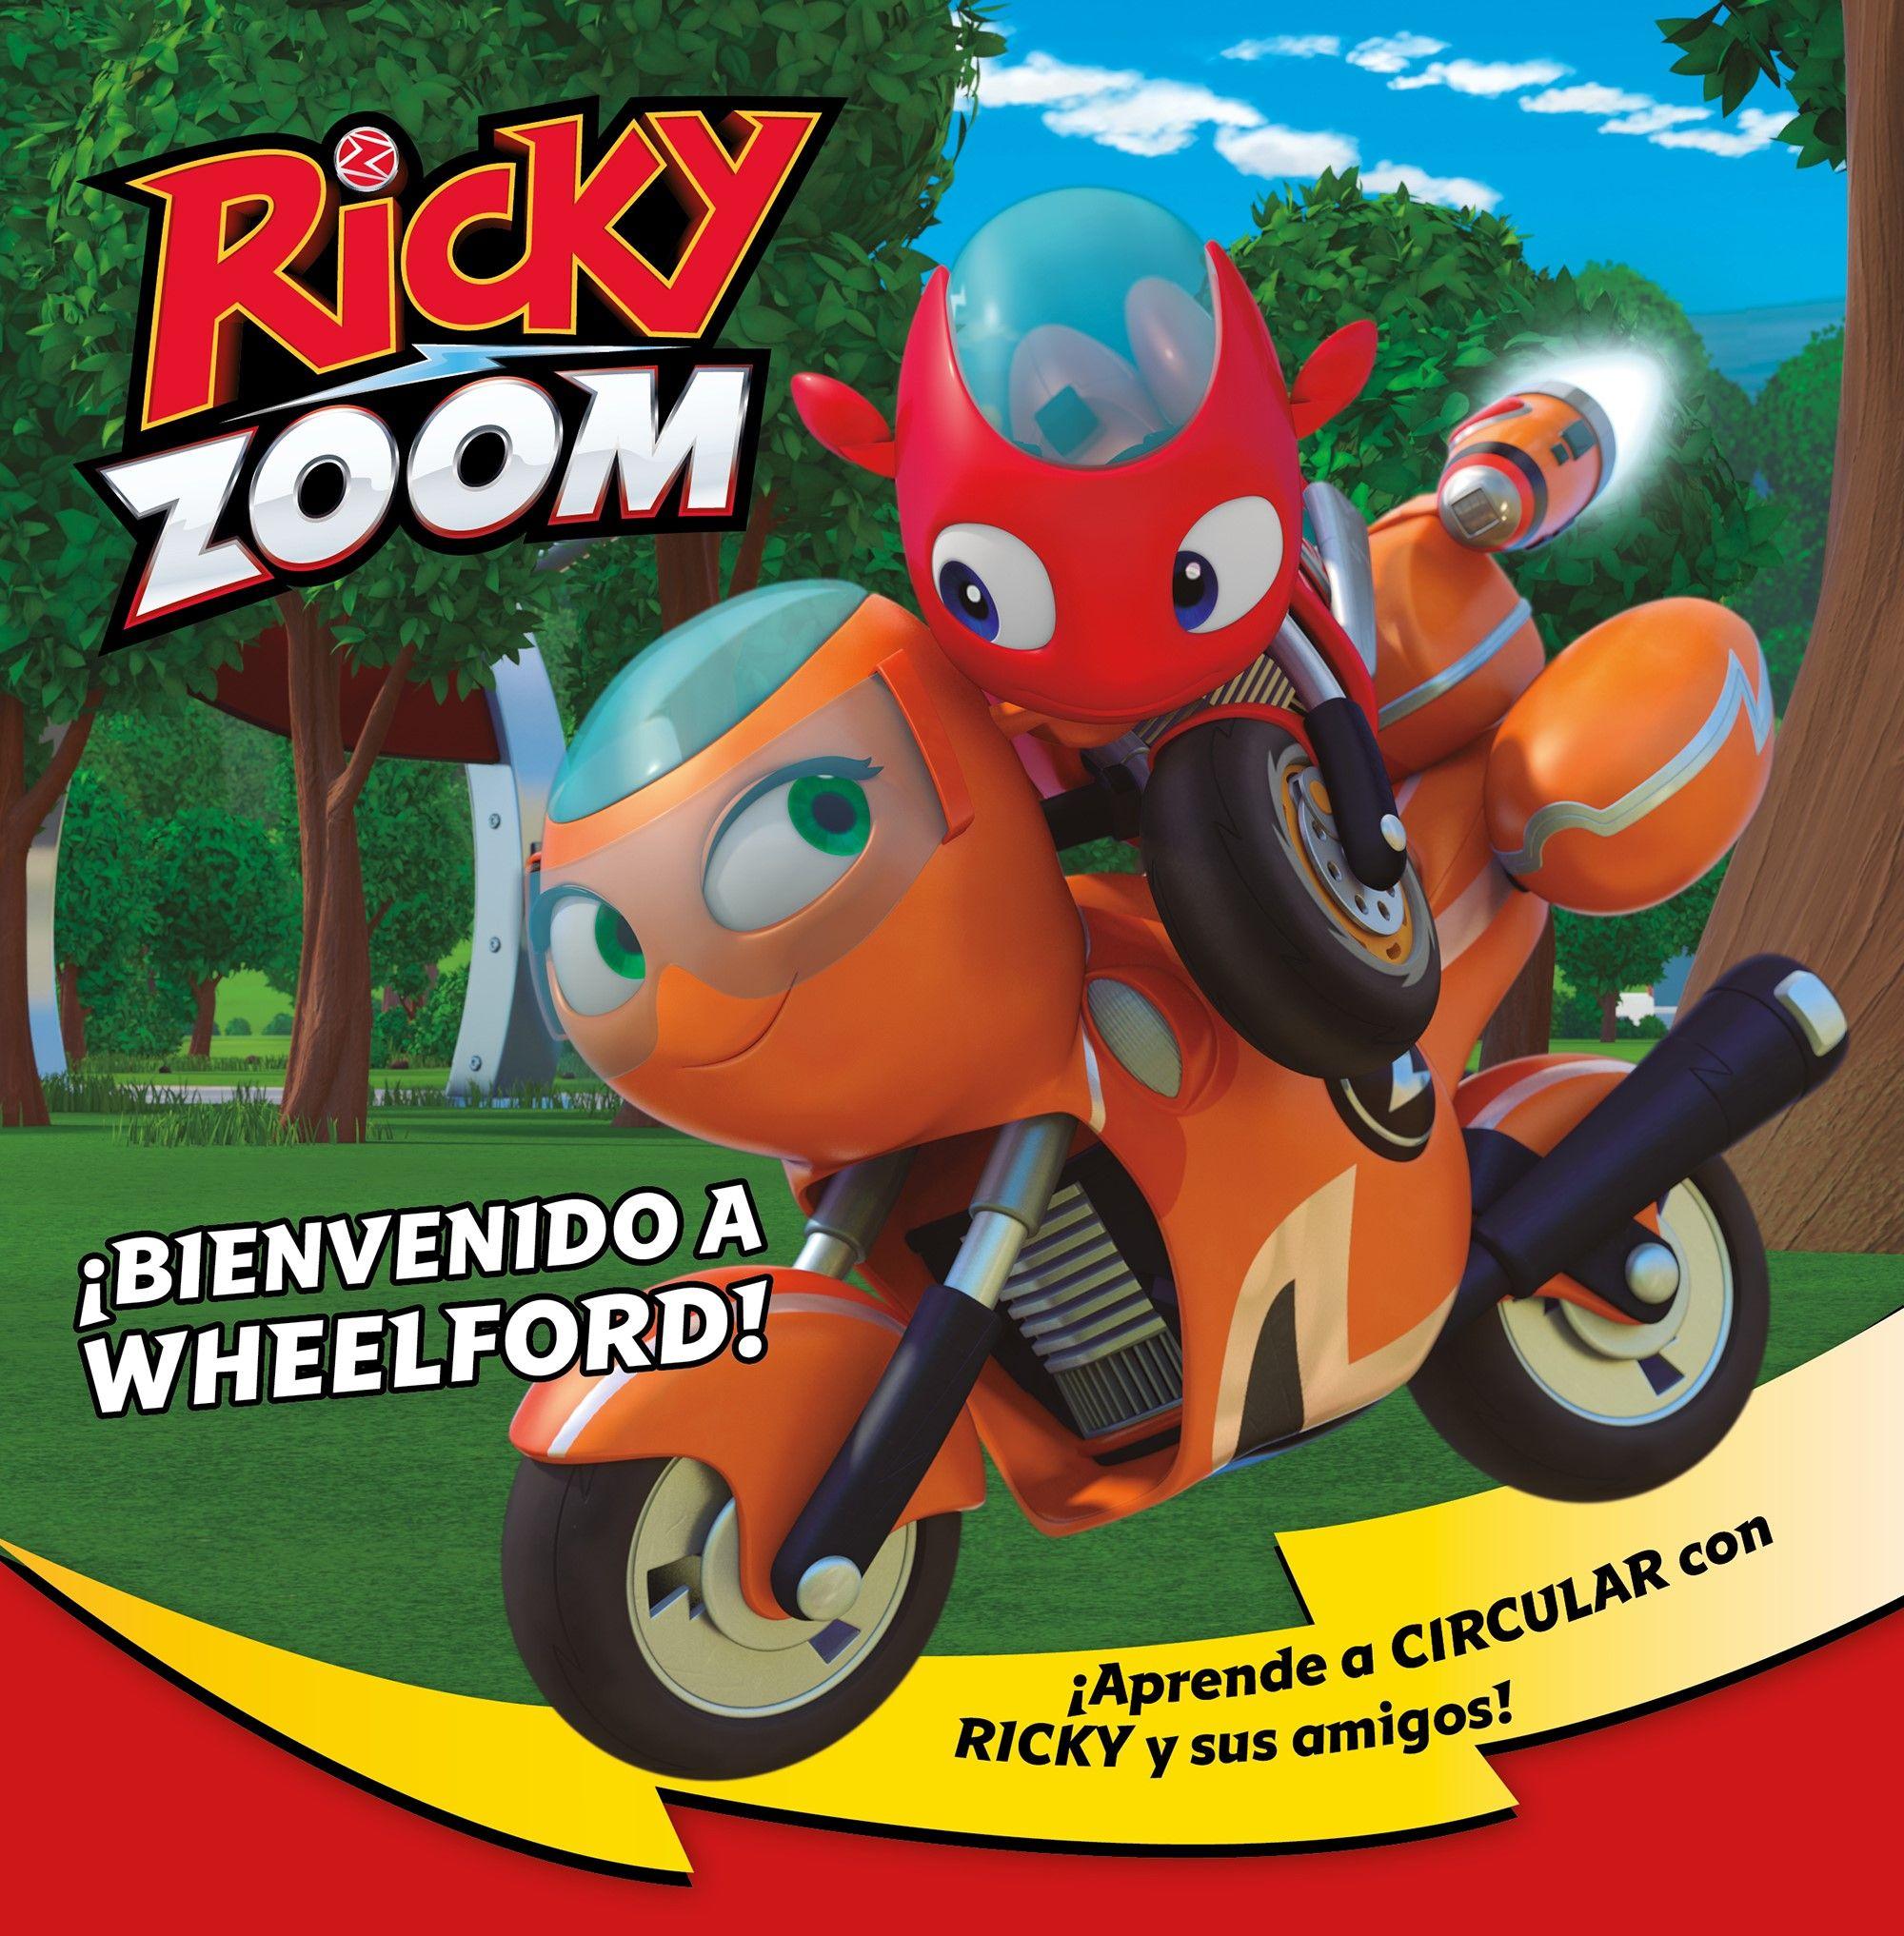 RICKY ZOOM 1 BIENVENIDO A WHEELFORD